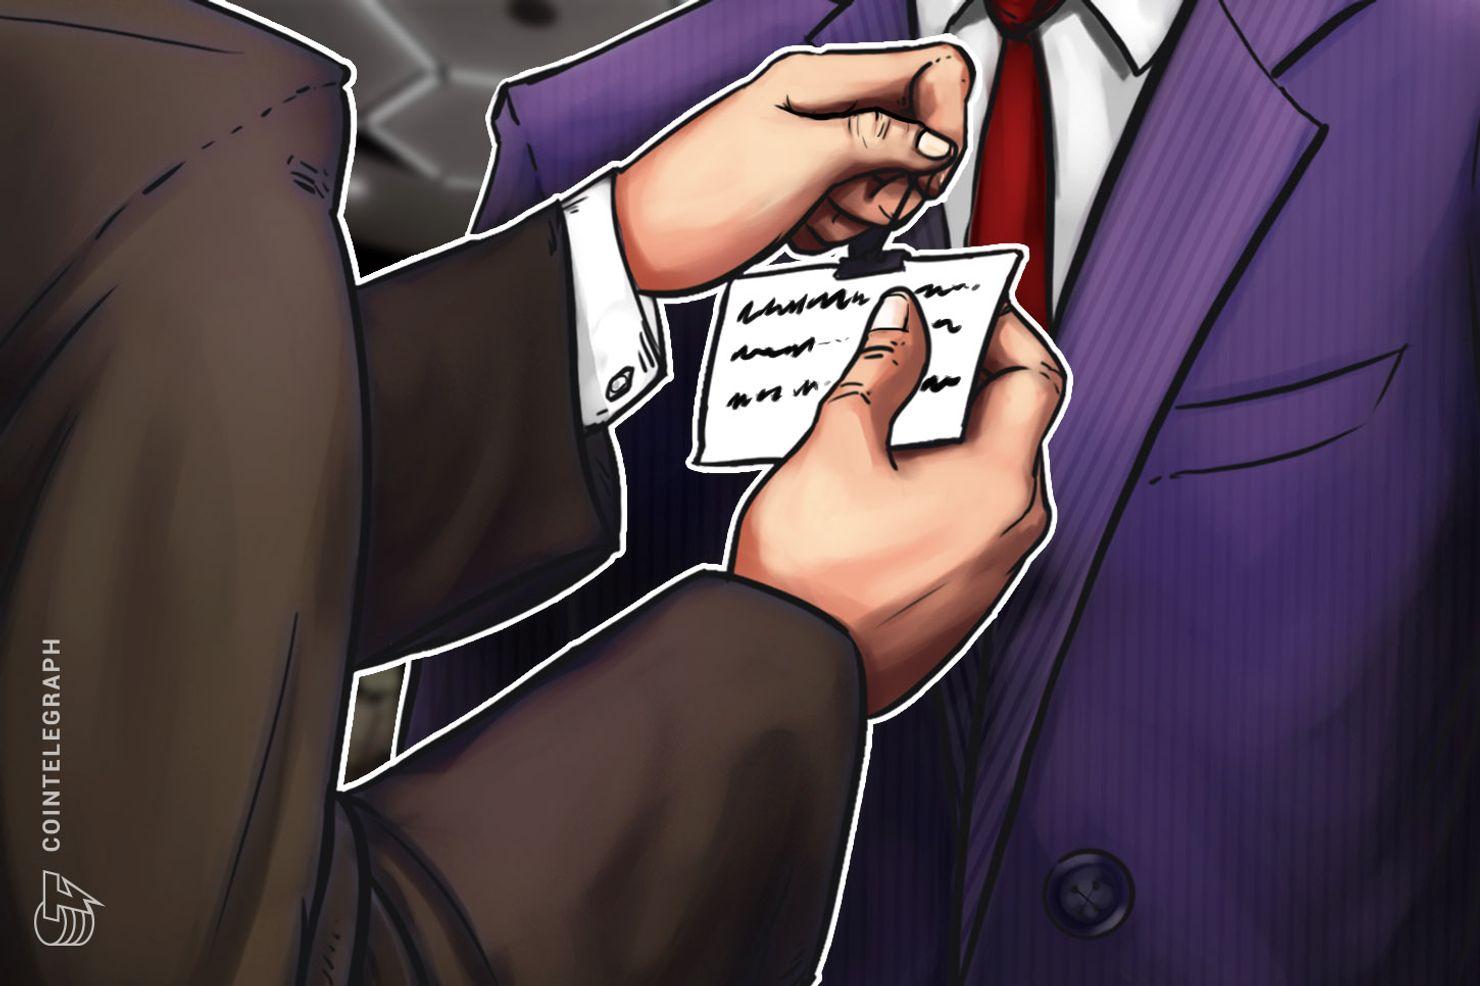 仮想通貨の大口投資家クジラがステーブルコインのプロジェクトを推進?